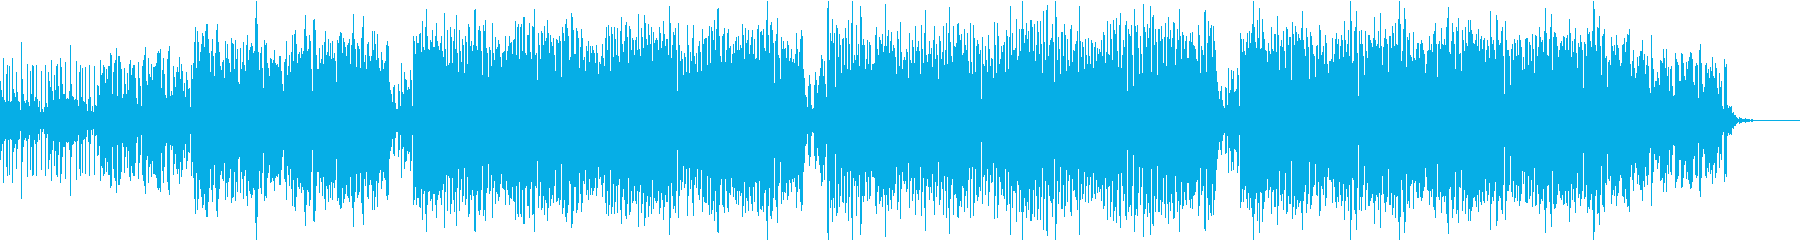 爽快感のあるトロピカルなBGMの再生済みの波形